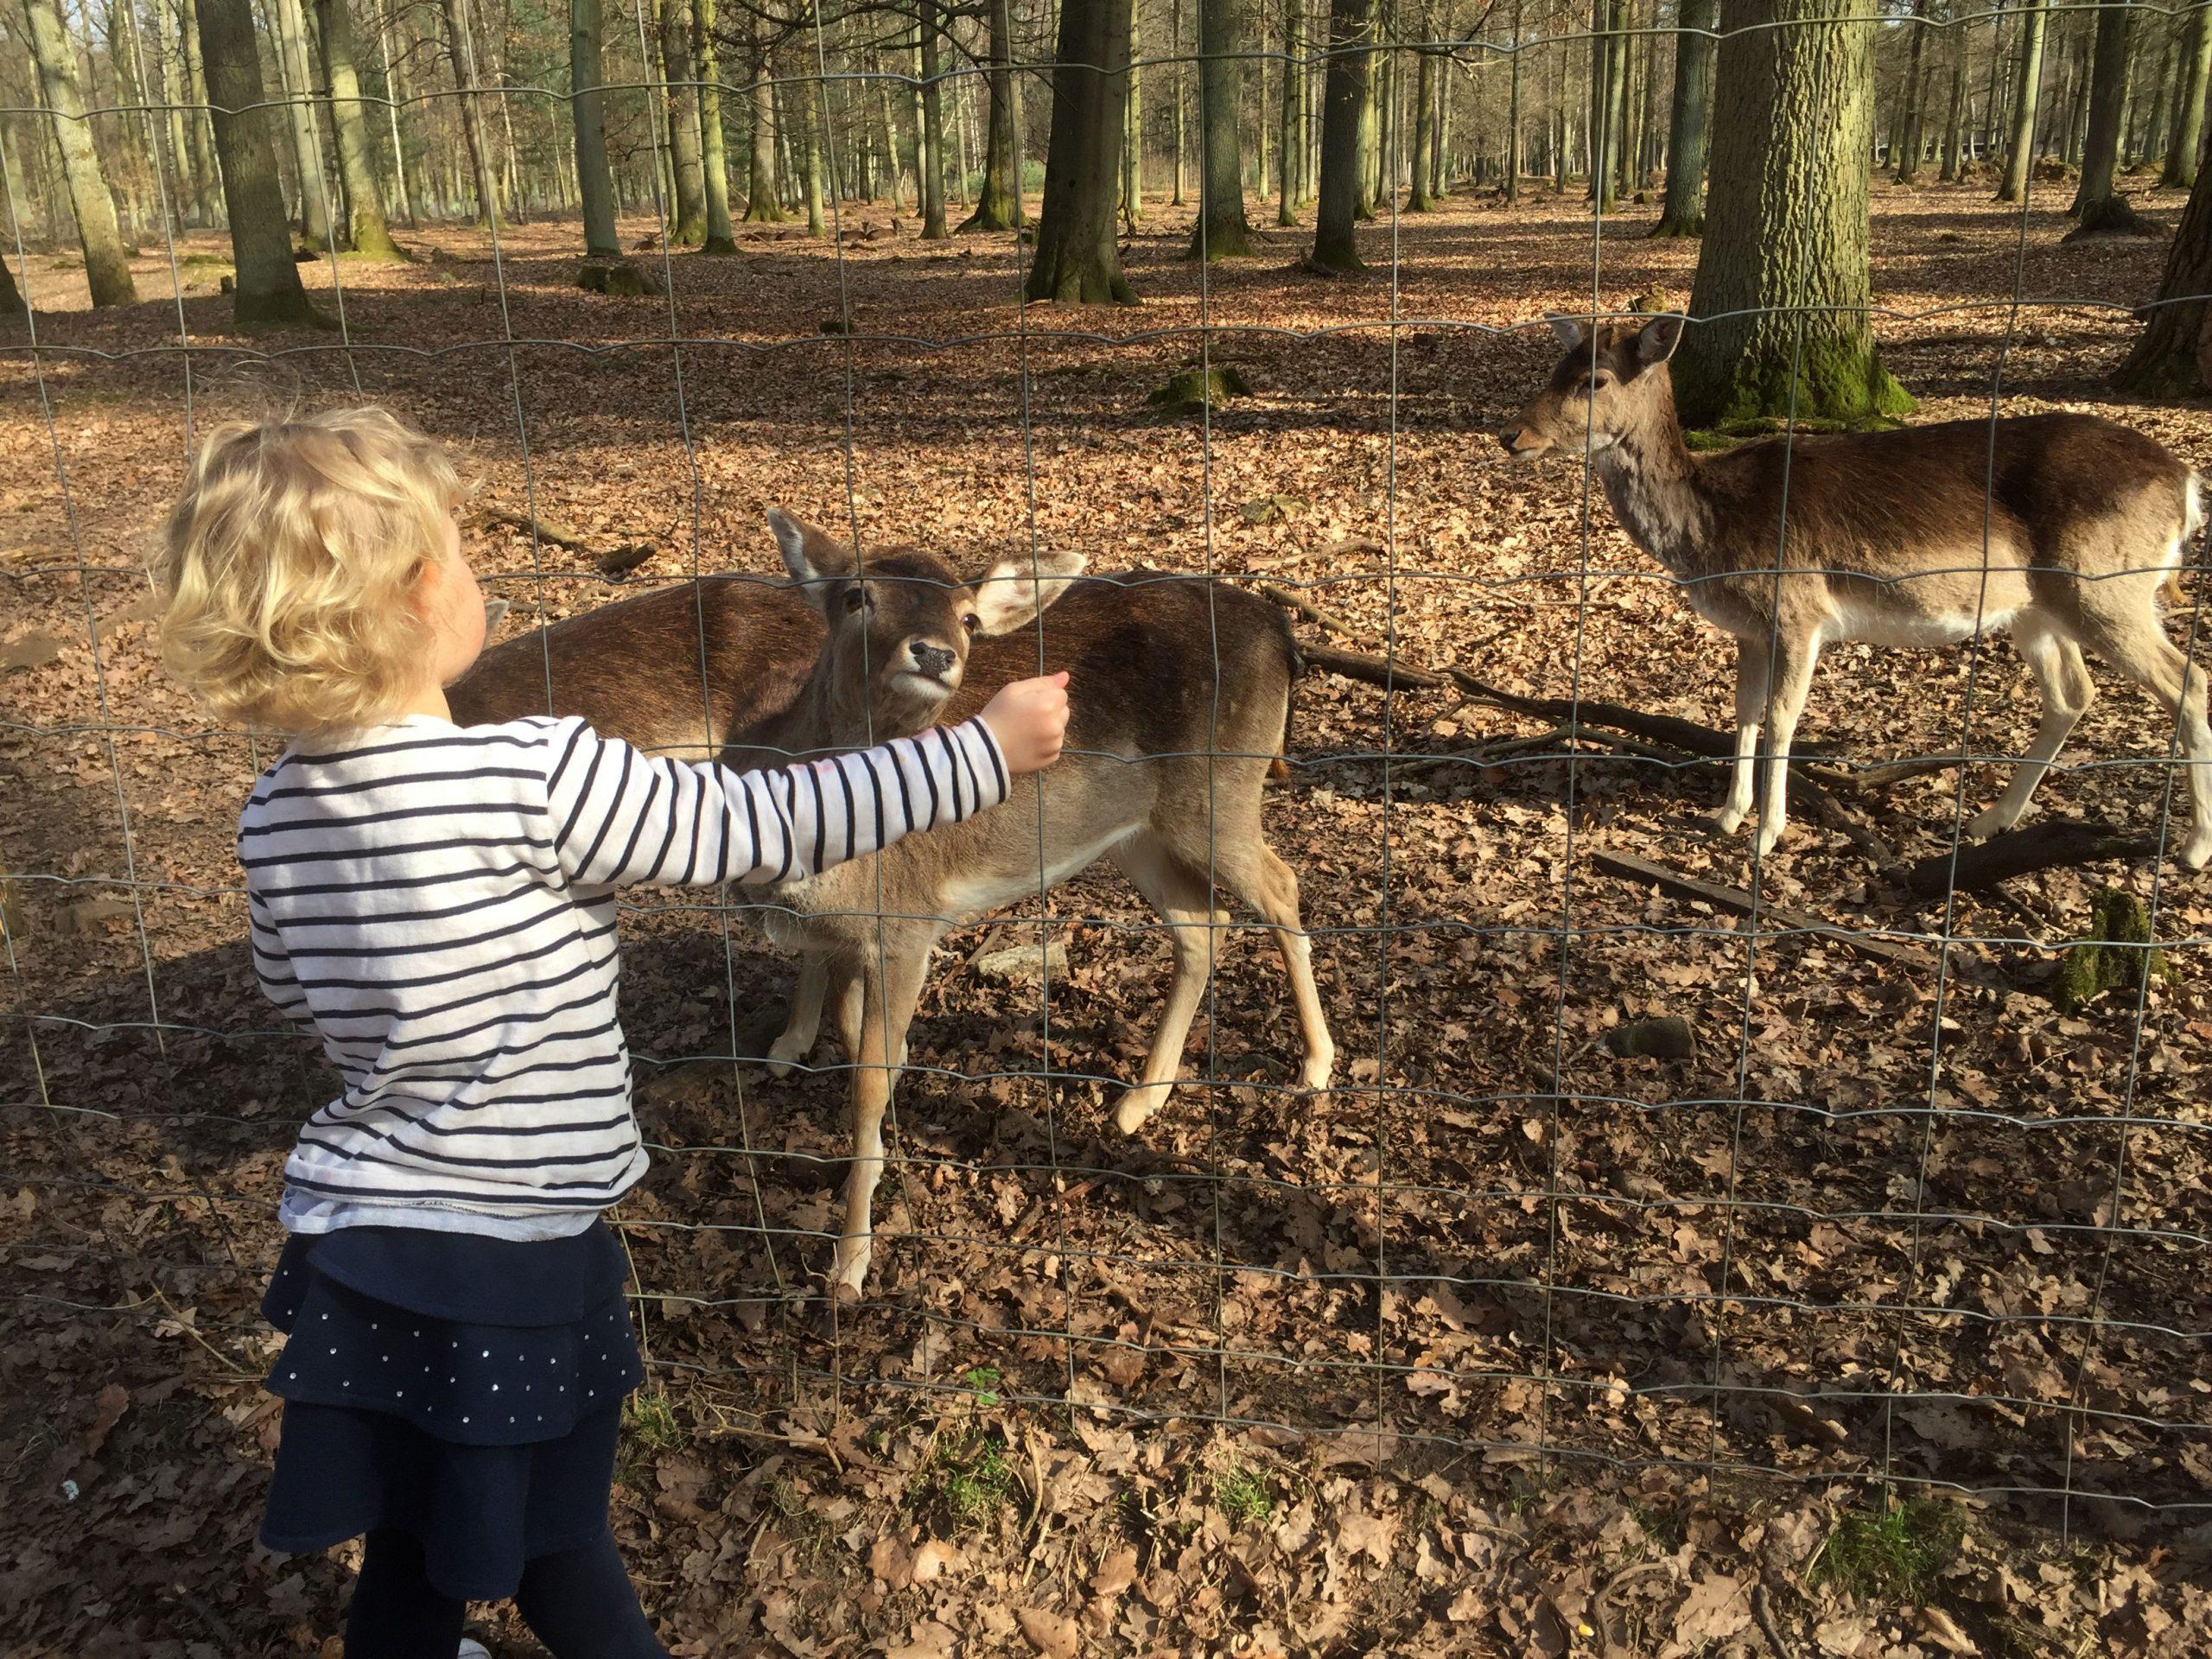 Wildpark Alte Fasanerie - Auslangd bei Wildpark Frankfurt Oder Öffnungszeiten